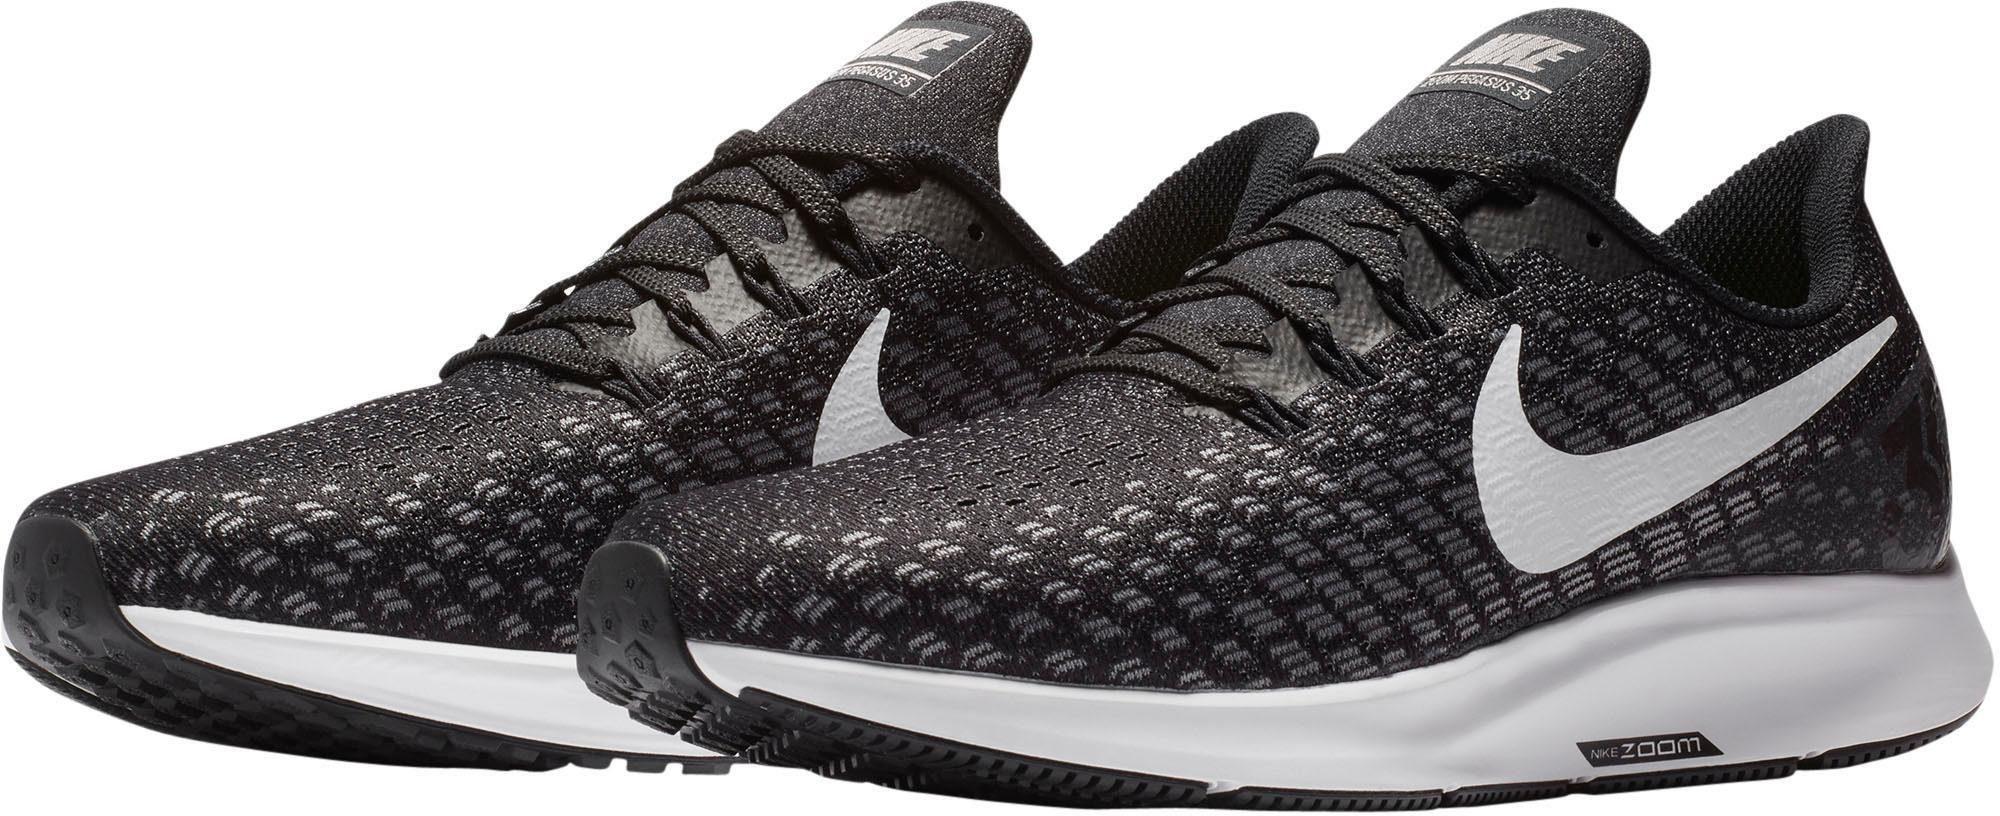 Nike »Air Zoom Pegasus 35« Laufschuh, Leichter Laufschuh von Nike online kaufen | OTTO